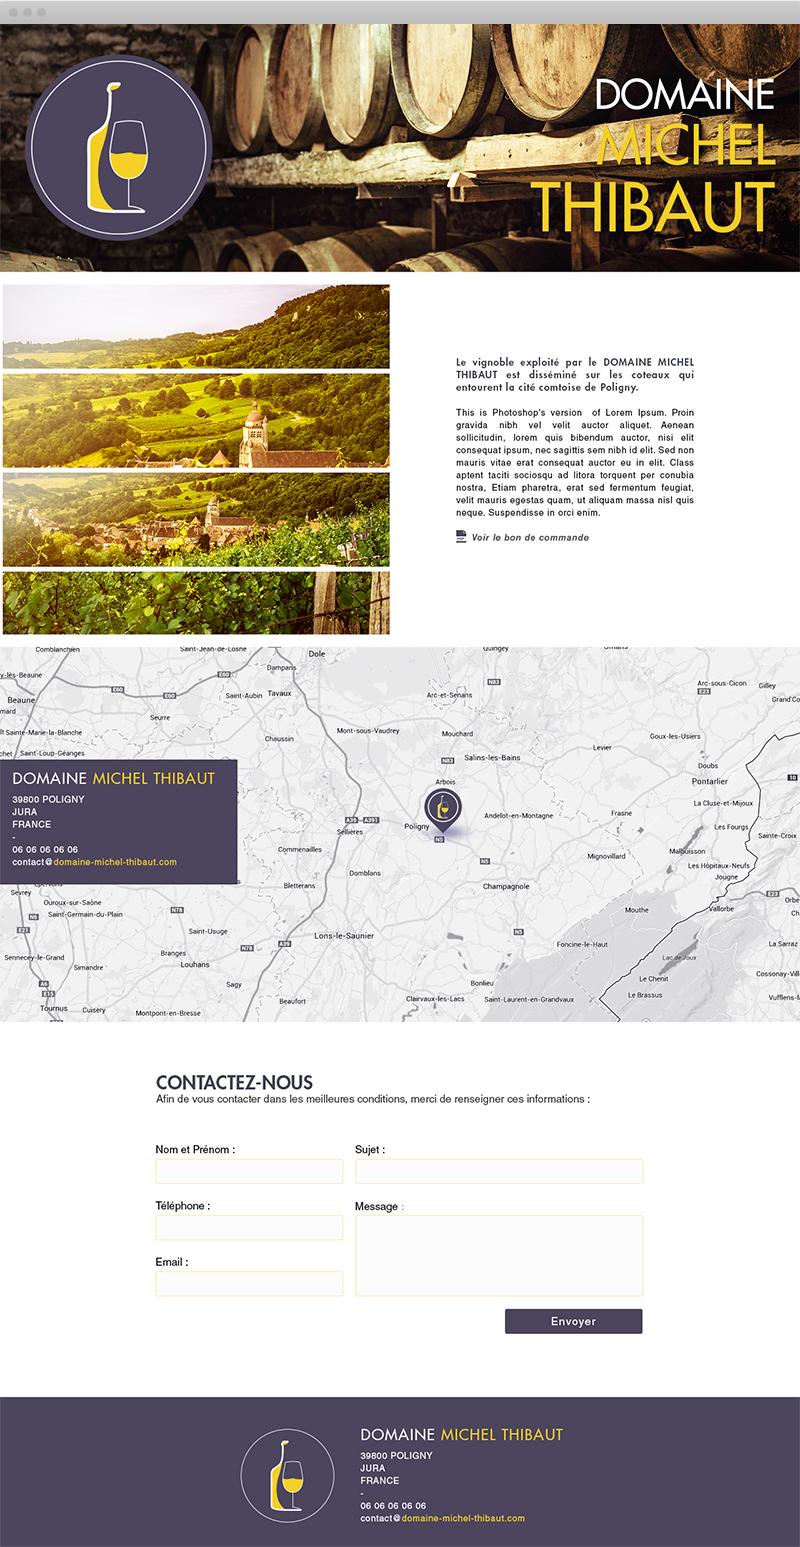 Site Desktop - Domaine Michel Thibaut